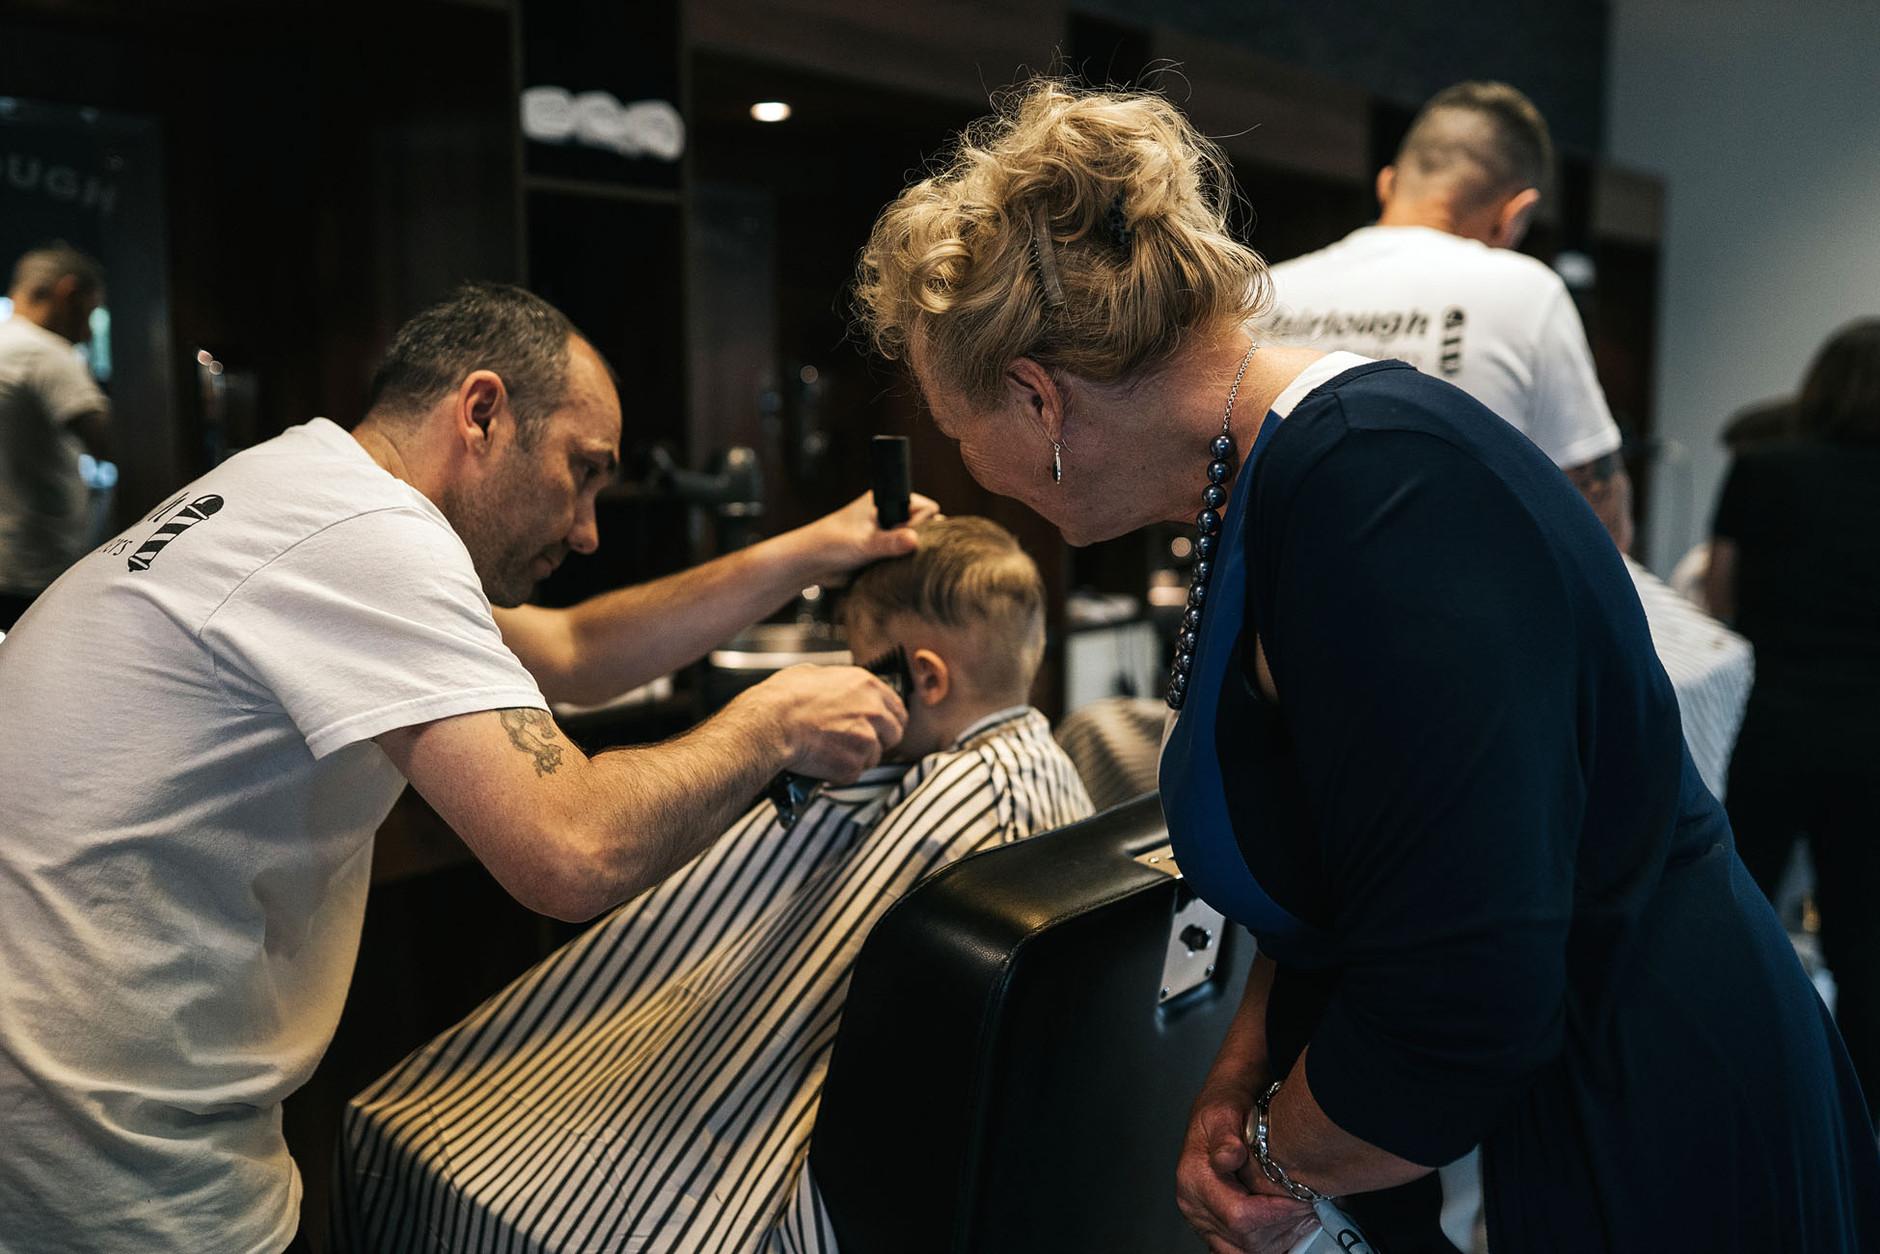 dublin-documentary-family-photography-finn-haircut-0026.jpg